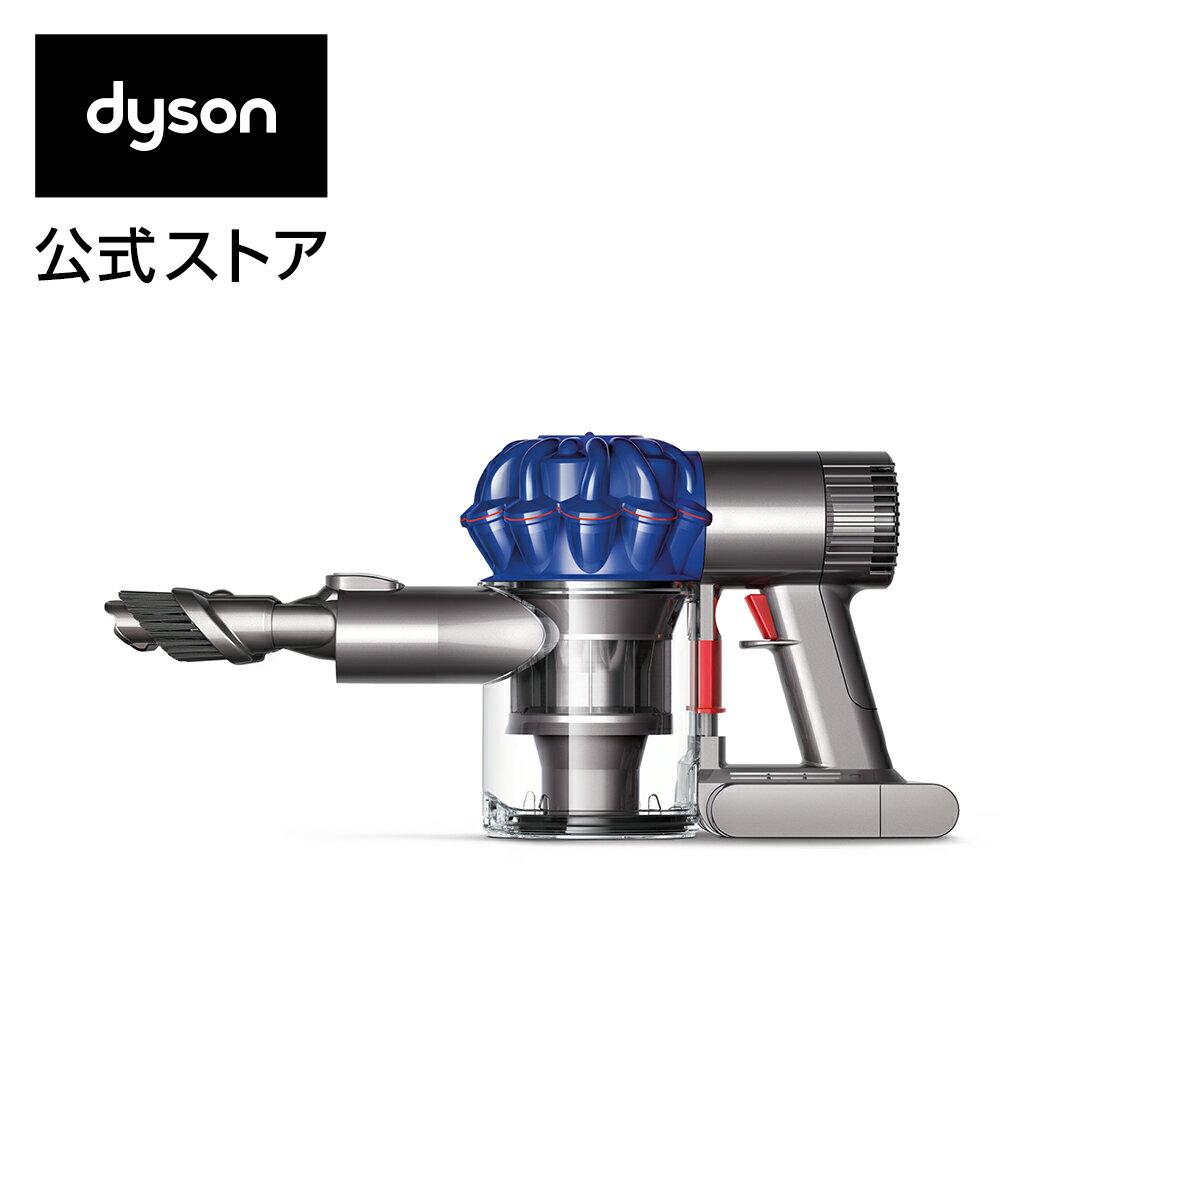 26日1:59amまで【期間限定】ダイソン Dyson V6 Trigger Origin ハンディクリーナー サイクロン式掃除機 DC61MOMB 【新品/メーカー2年保証】